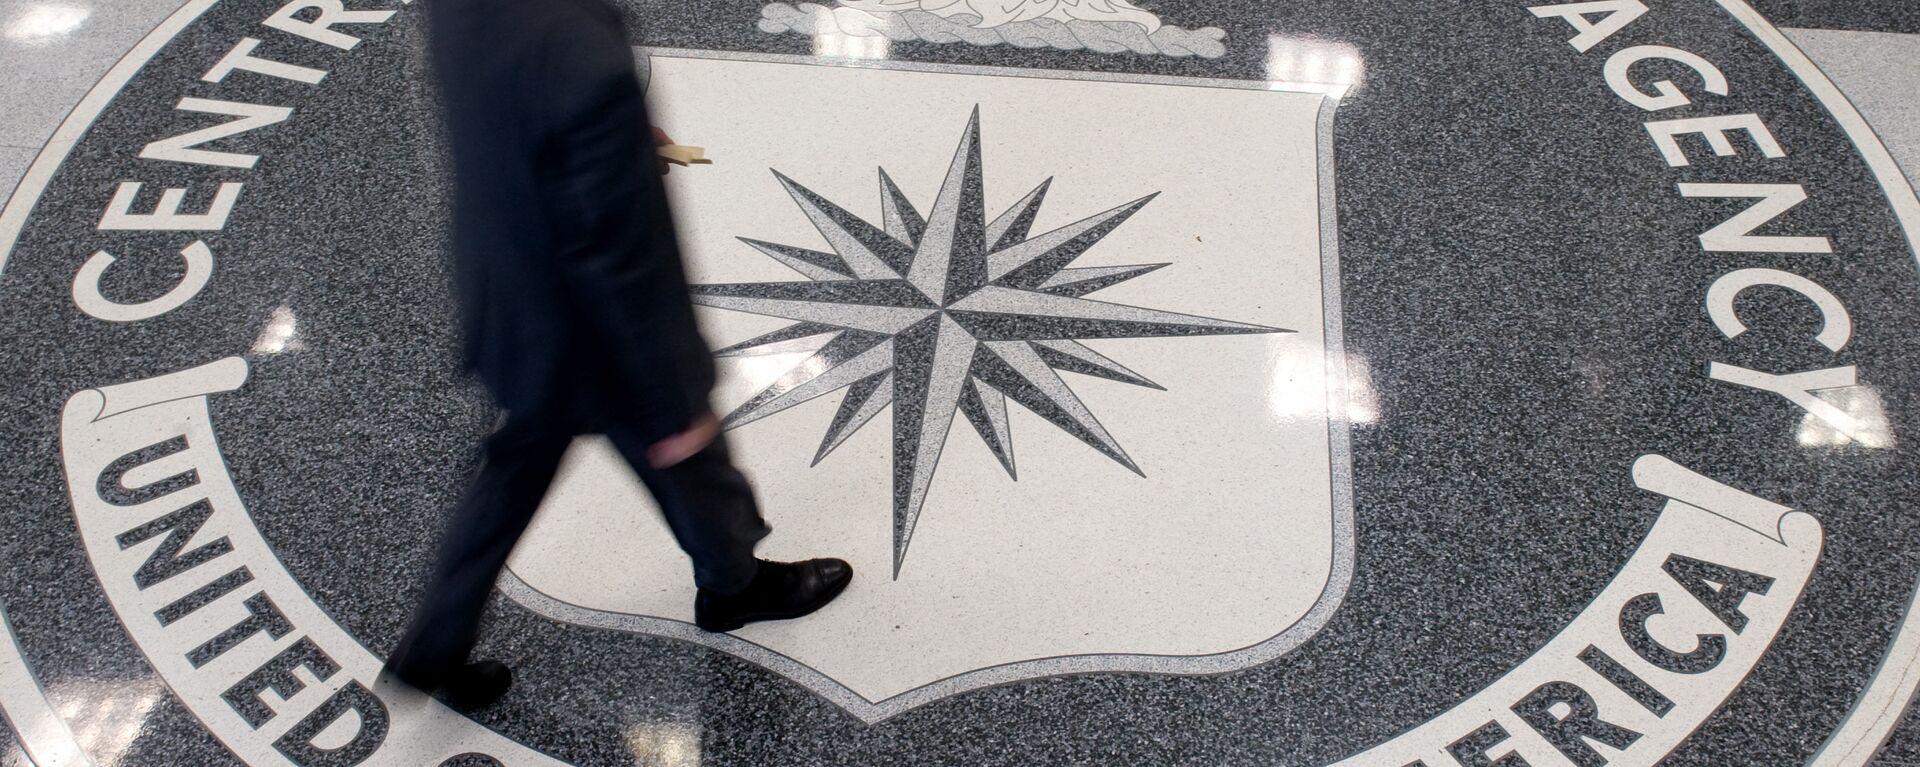 El logo de la CIA - Sputnik Mundo, 1920, 05.05.2021